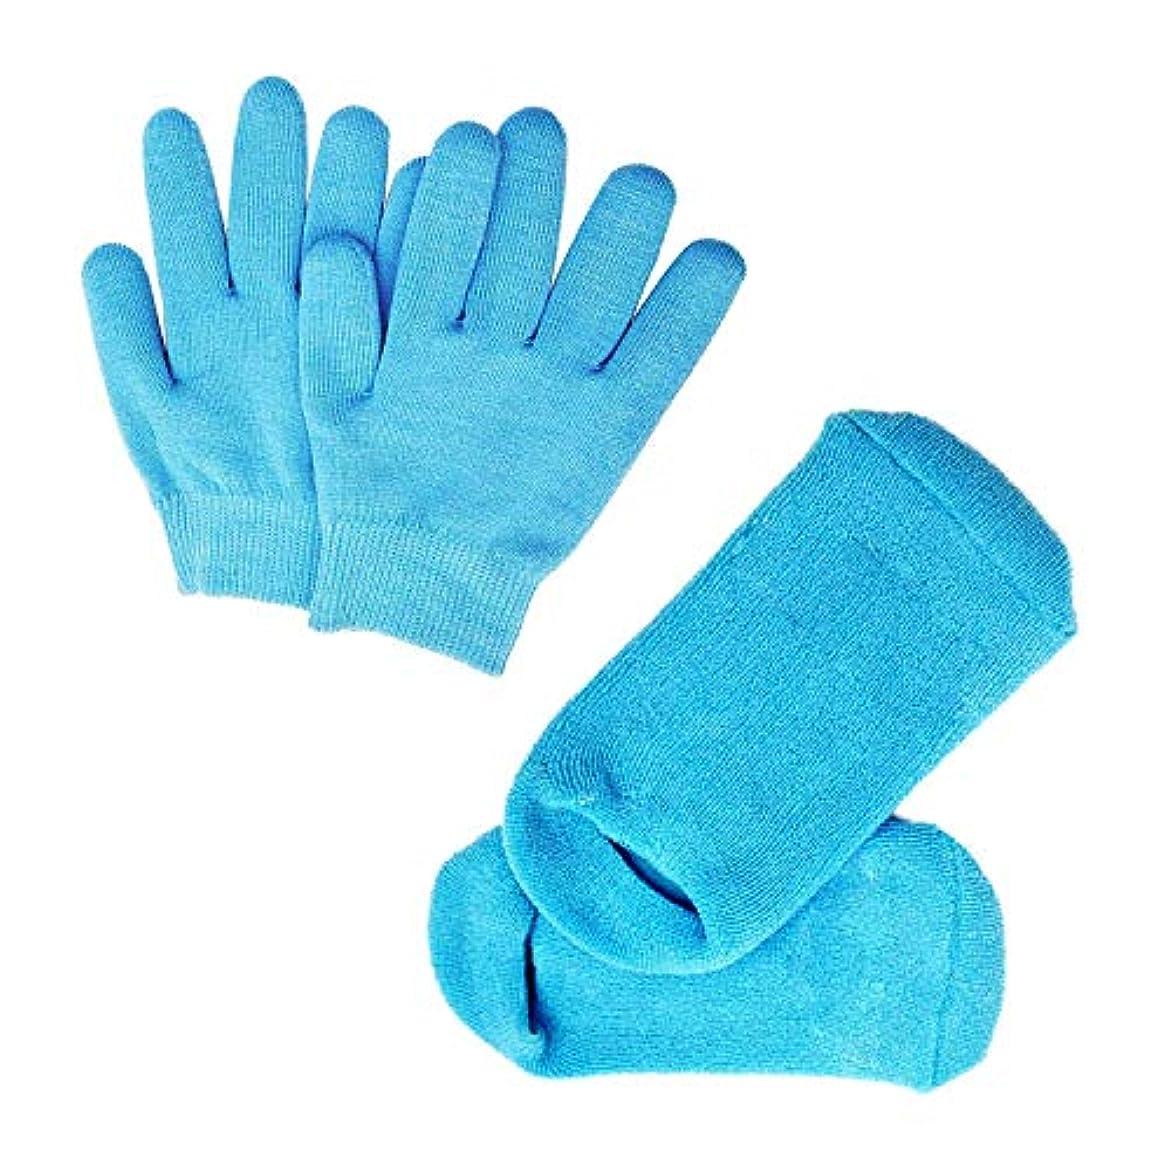 Pinkiou 眠る森のSPAジェルグローブ/SPAジェルソックス ハンドケアグローブ/フットケアソックス 角質取り 保湿 かかとケア オープントゥ 素肌美人 靴下と手袋 一セット スバ いいお肌になりましょう(ブルー)